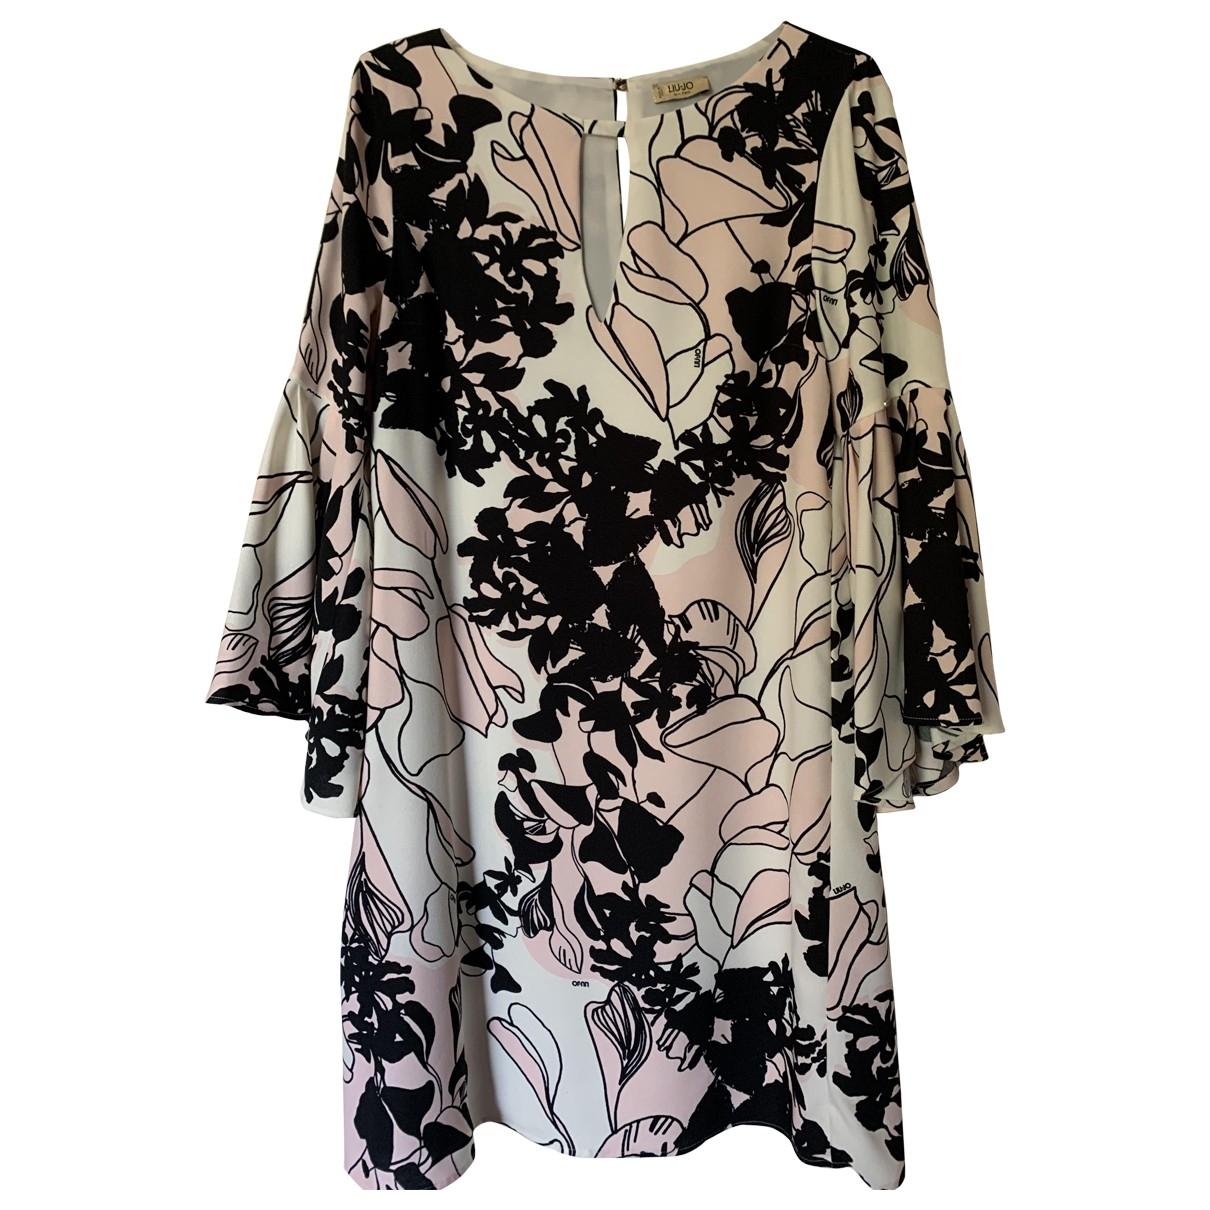 Liu.jo \N Kleid in Polyester